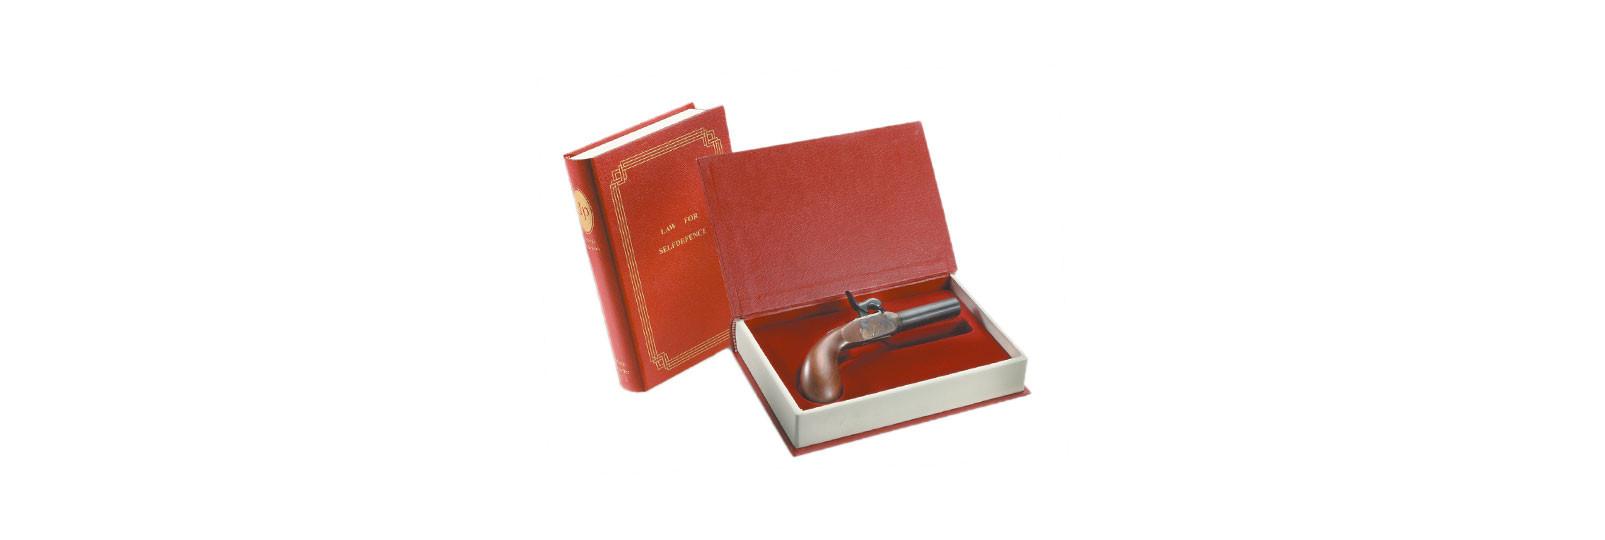 Pistola Derringer Liegi in cofanetto libro